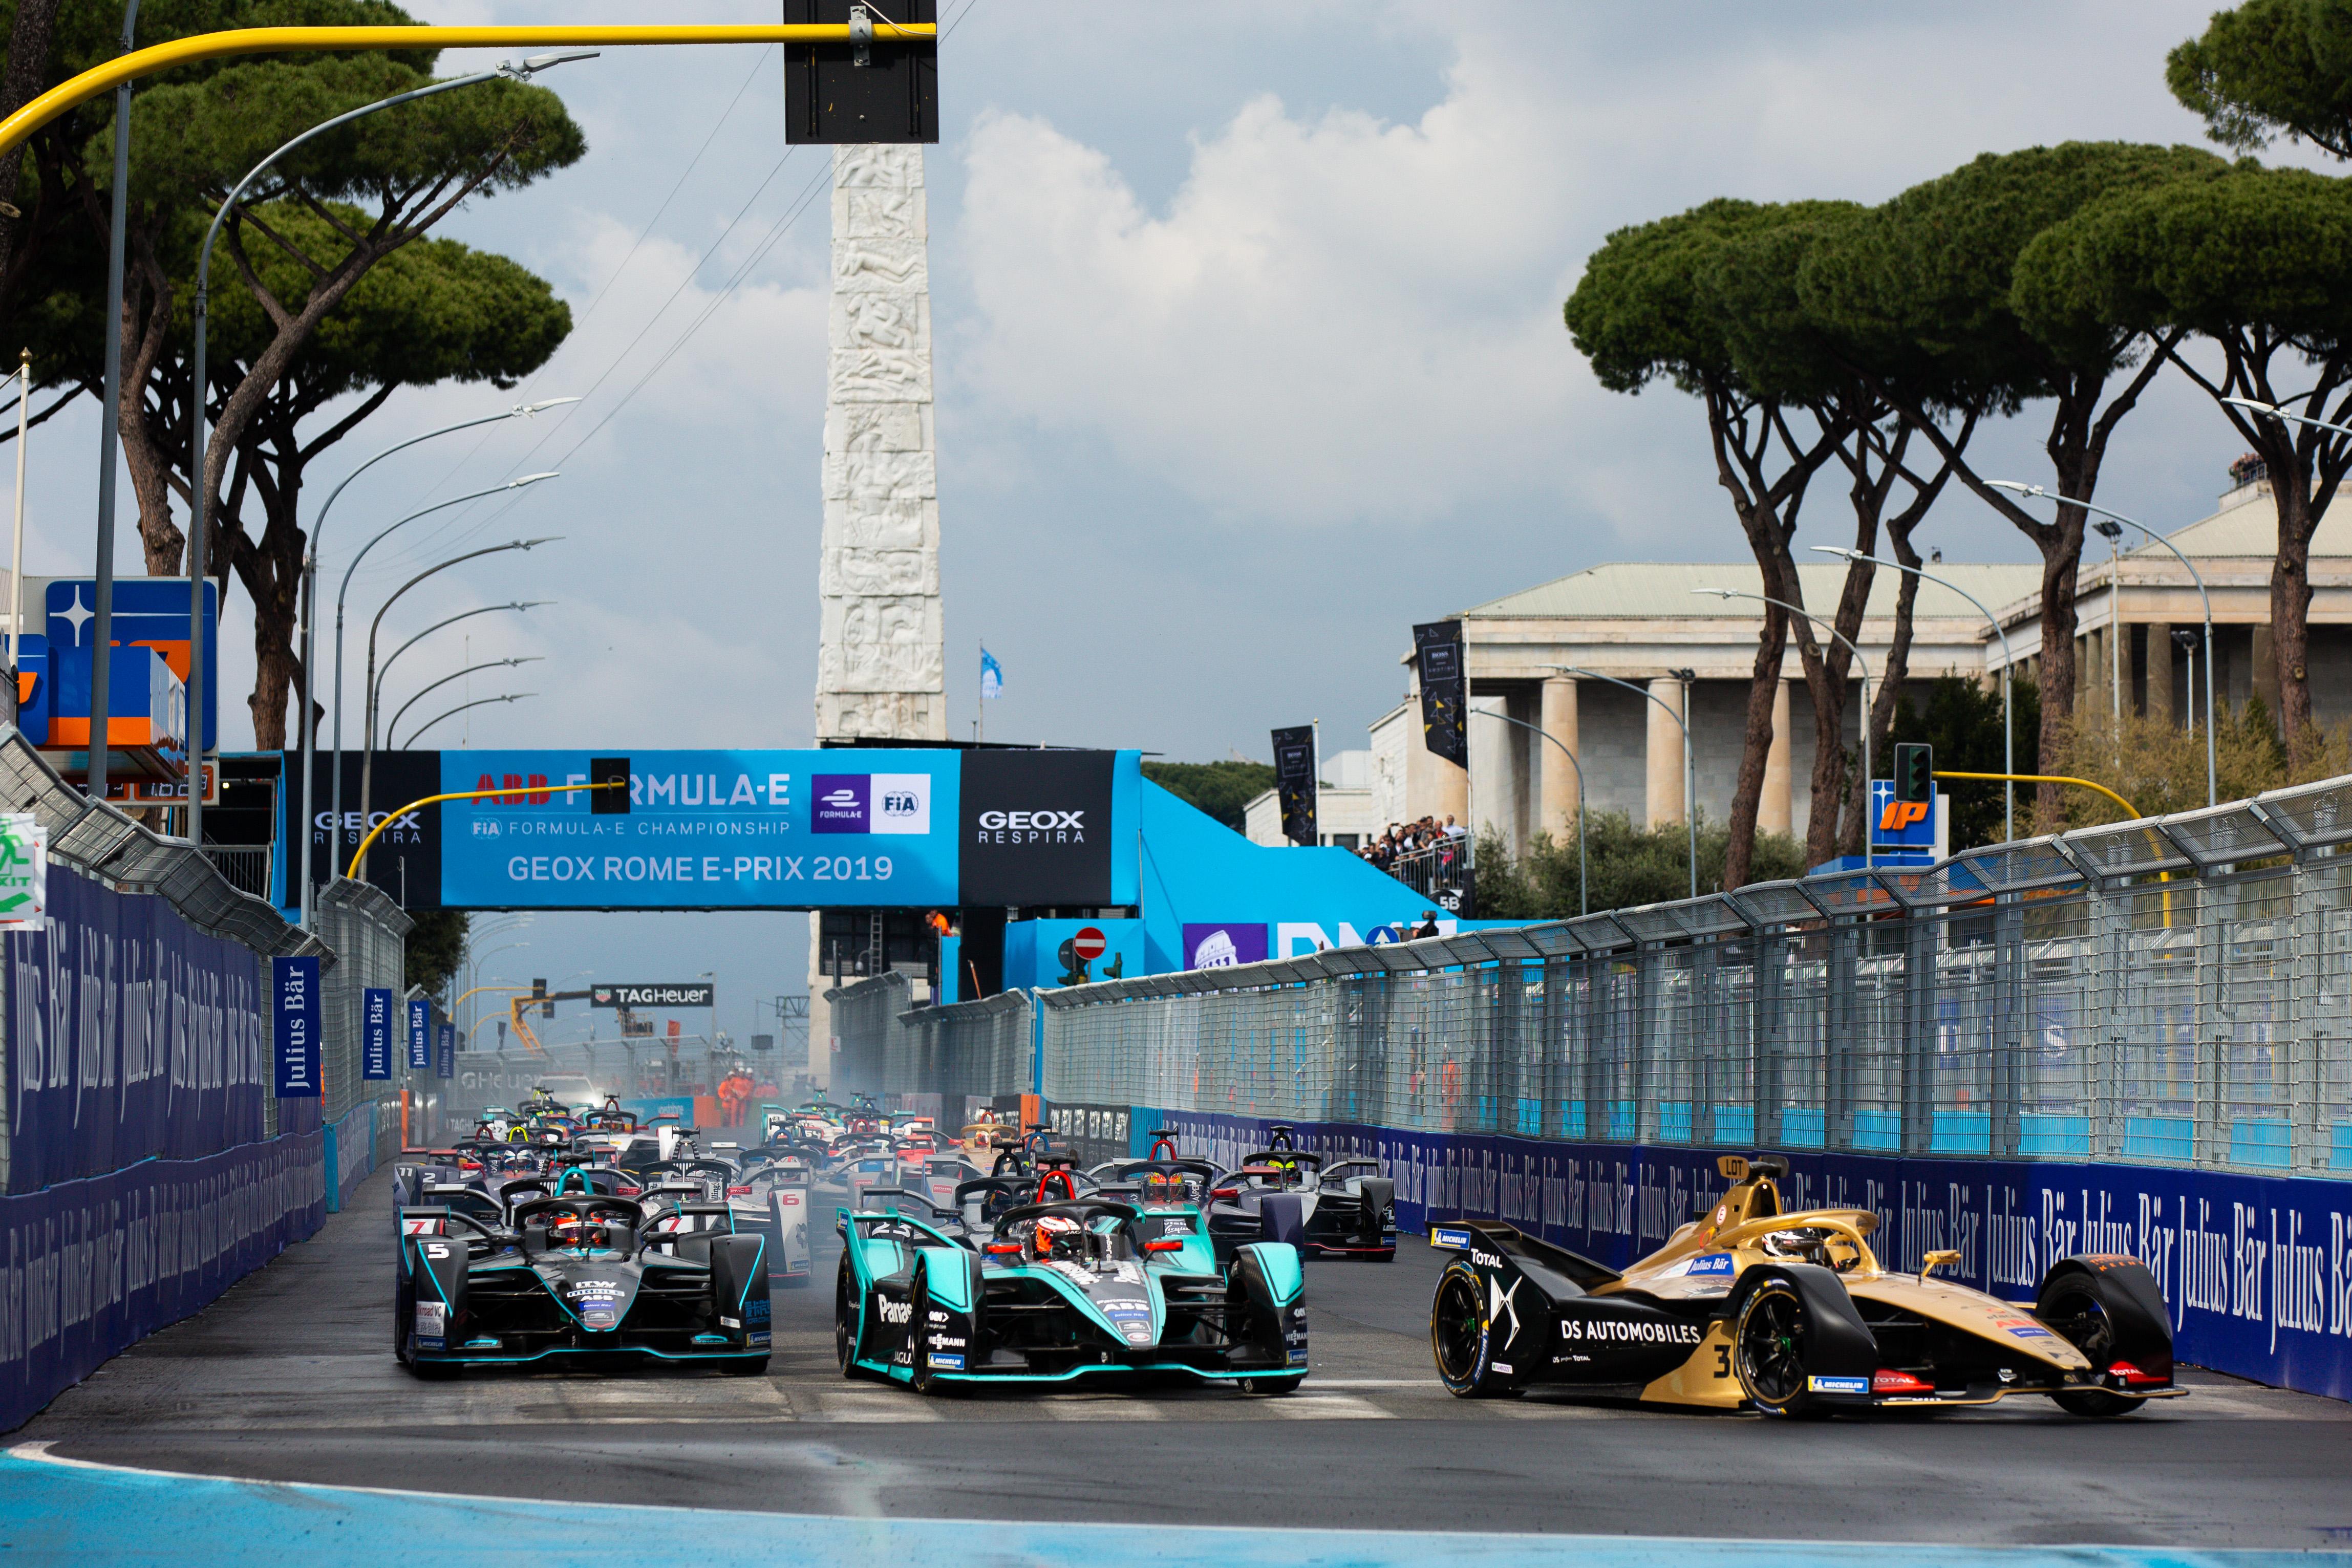 Rome Formula E 2019